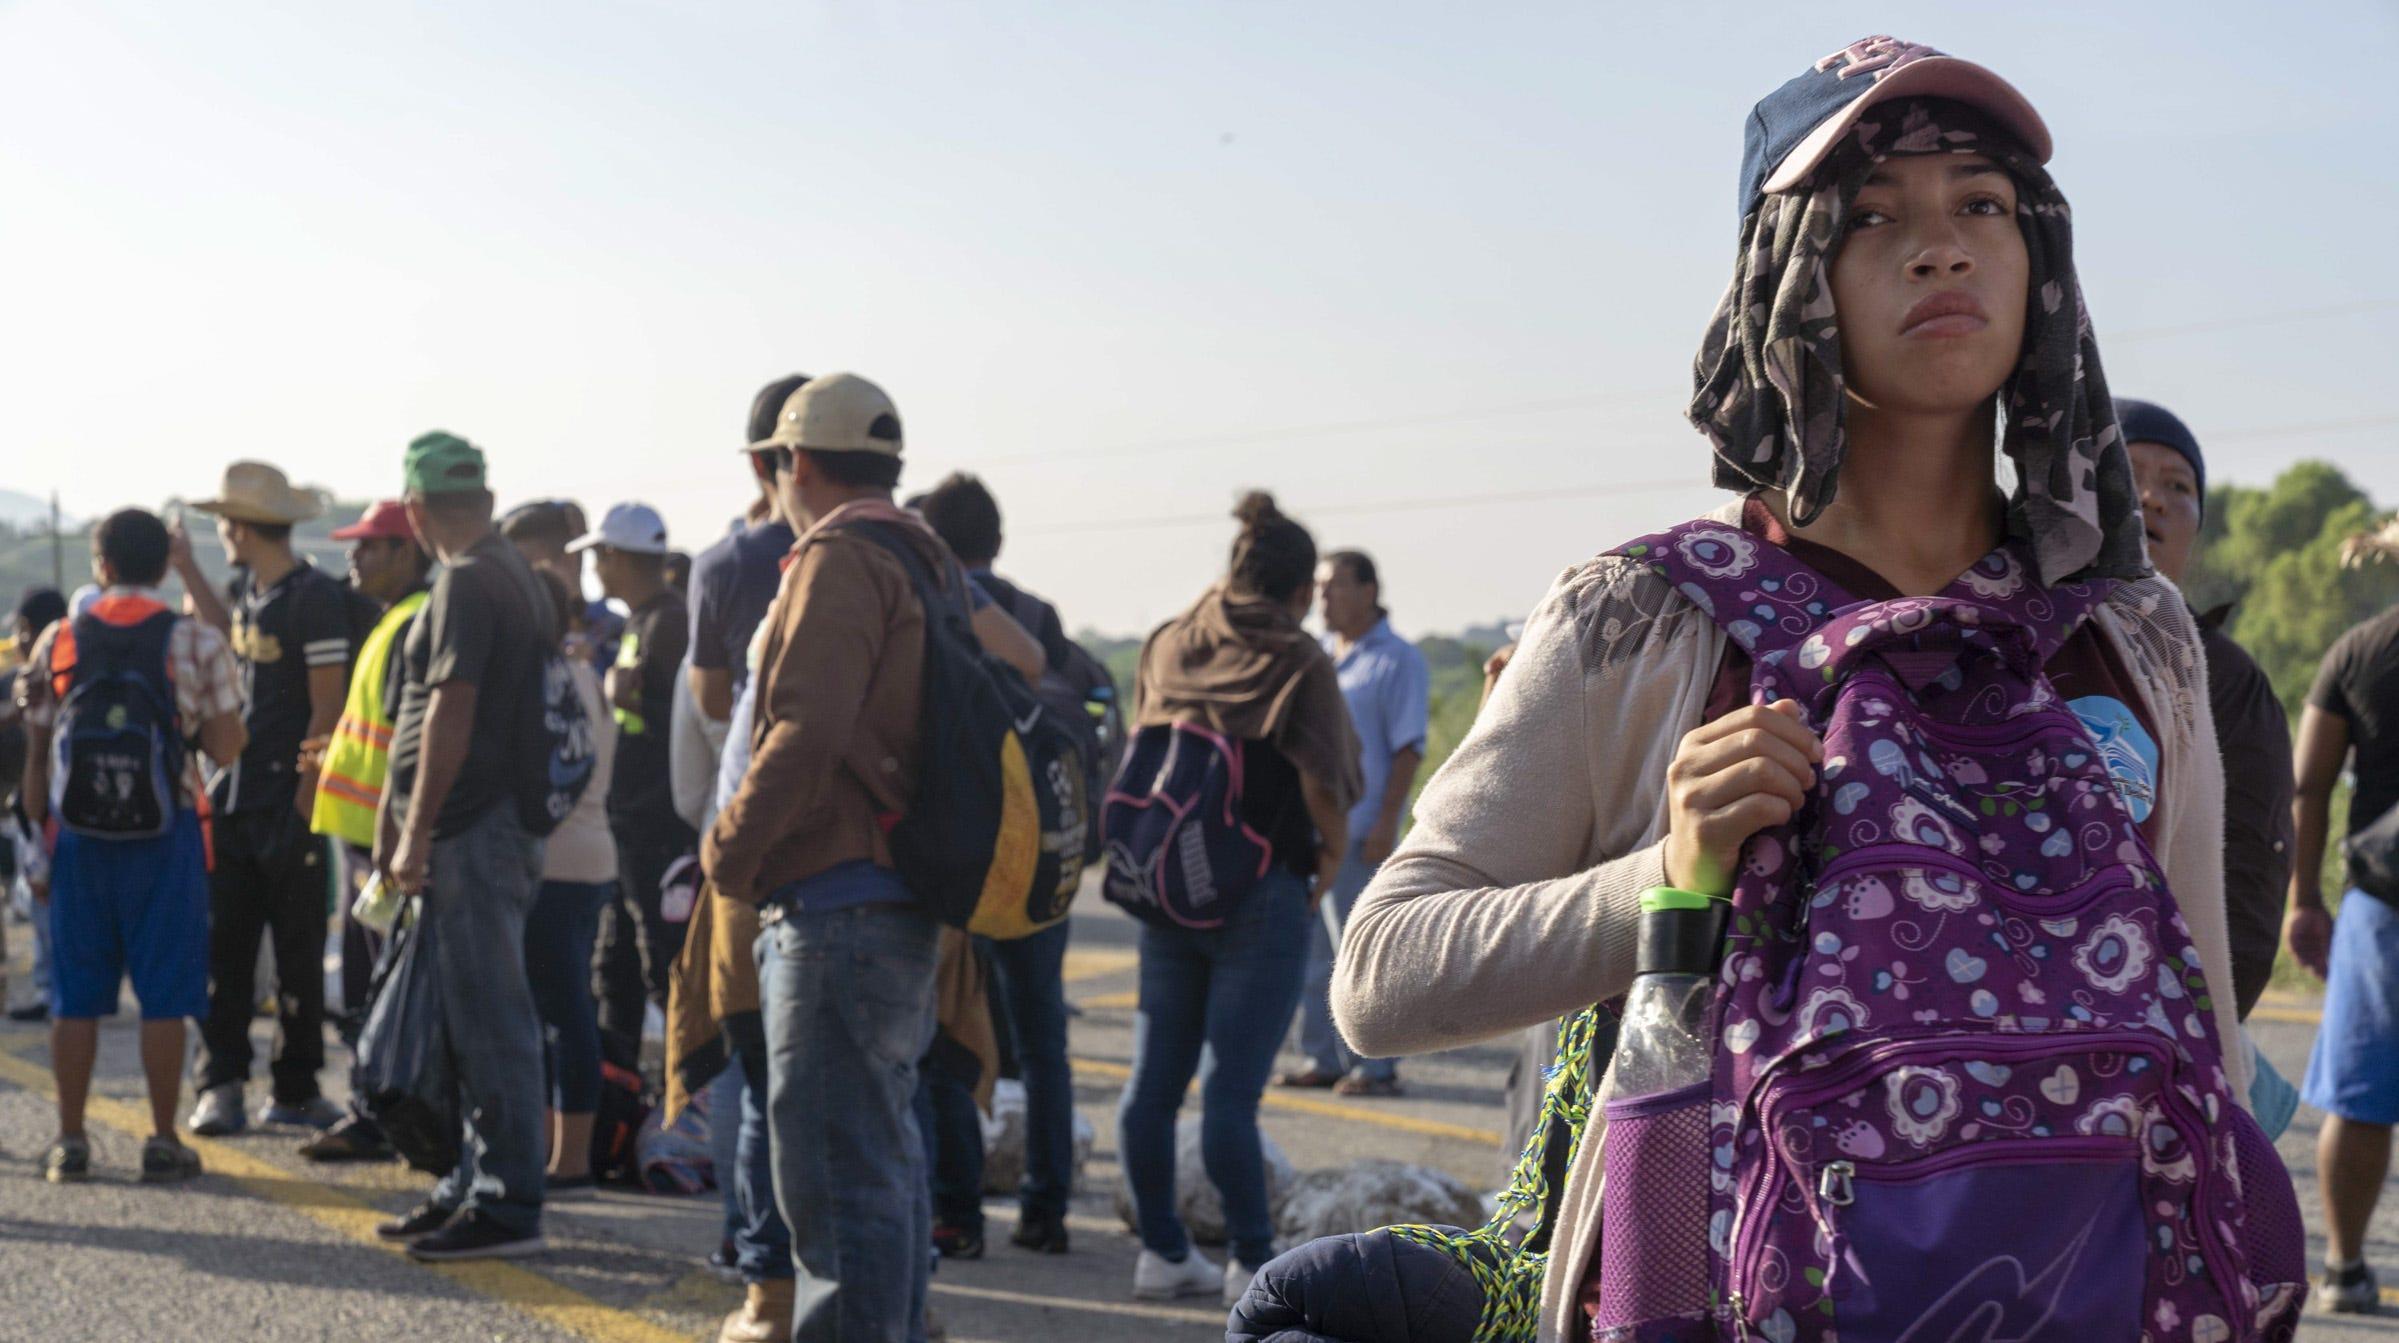 Resultado de imagen para The second caravan of Central American migrants is approaching Jalisco